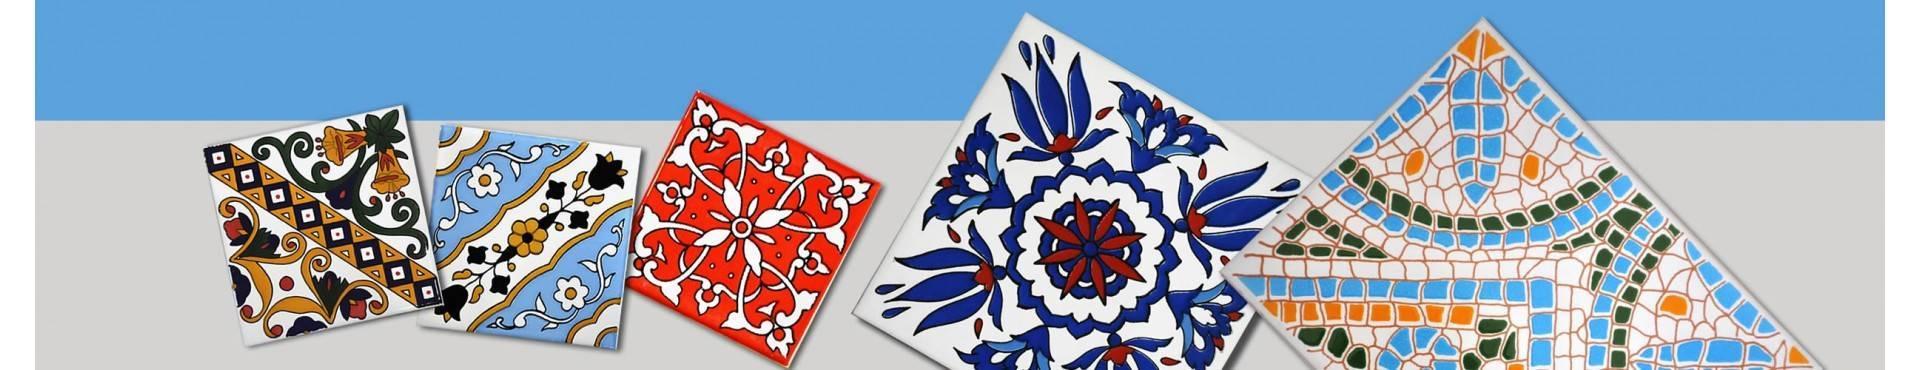 Mattonella in ceramica smaltata - Mattonelle Tunisine realizzate con Serigrafia Artigianale